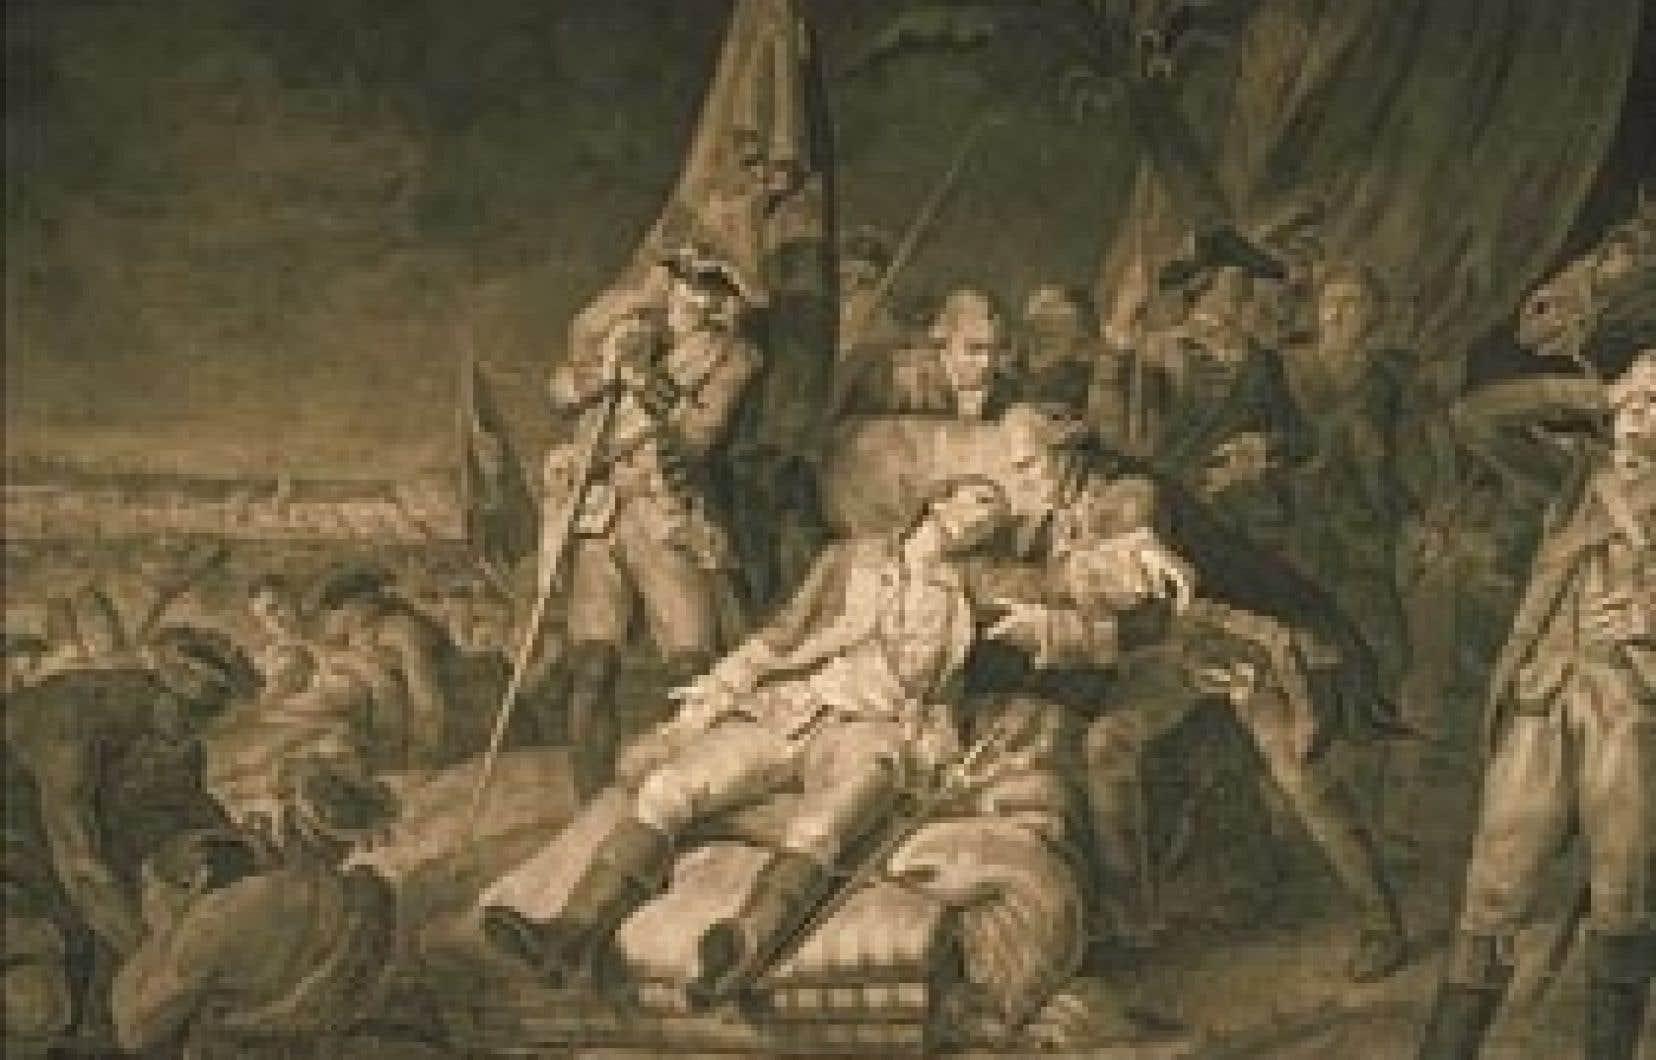 Mort du général Montcalm, estampe de Louis Watteau (vers 1760). La bataille des plaines d'Abraham est-elle le tournant de la Conquête ?